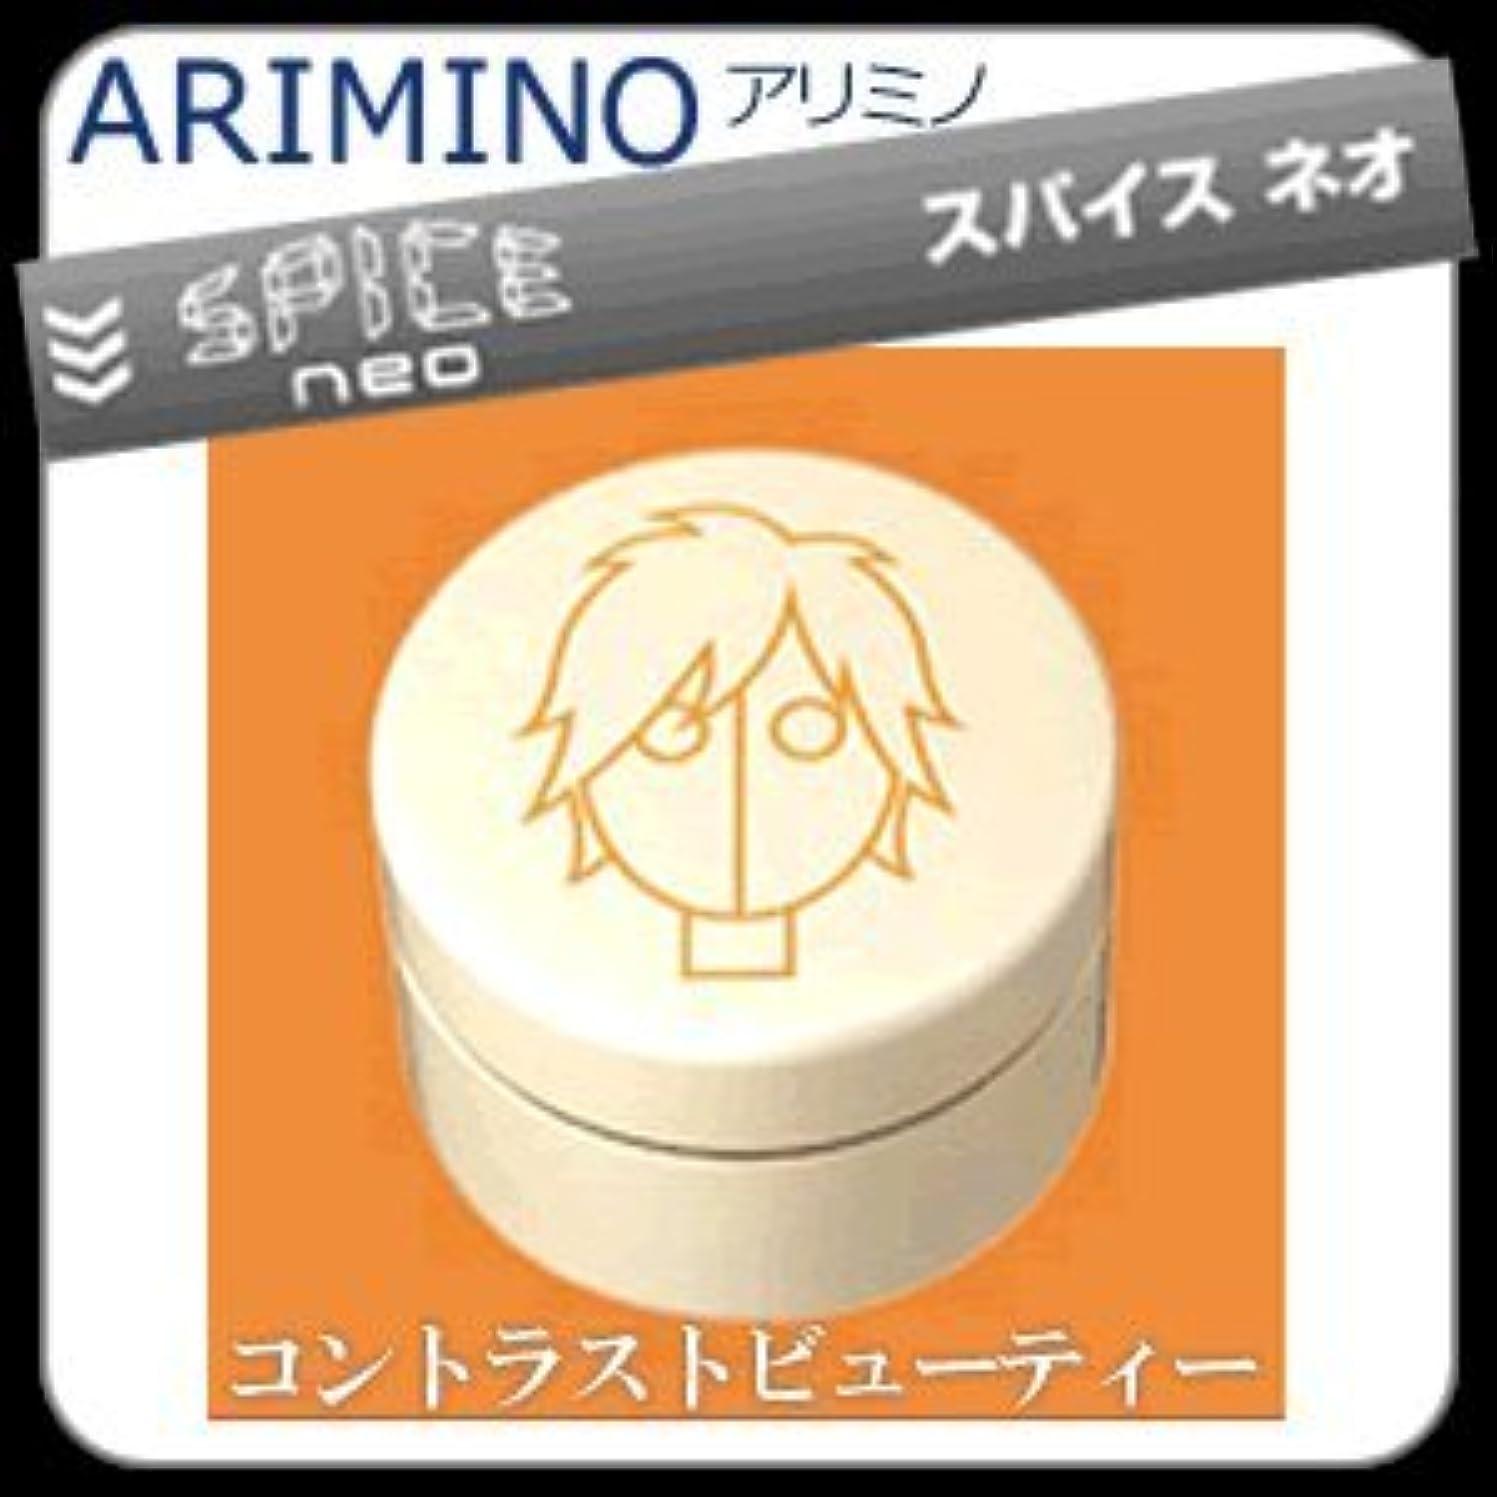 レモンステンレス登録する【X5個セット】 アリミノ スパイスネオ LIGHT HARD-WAX ライトハードワックス 100g ARIMINO SPICE neo